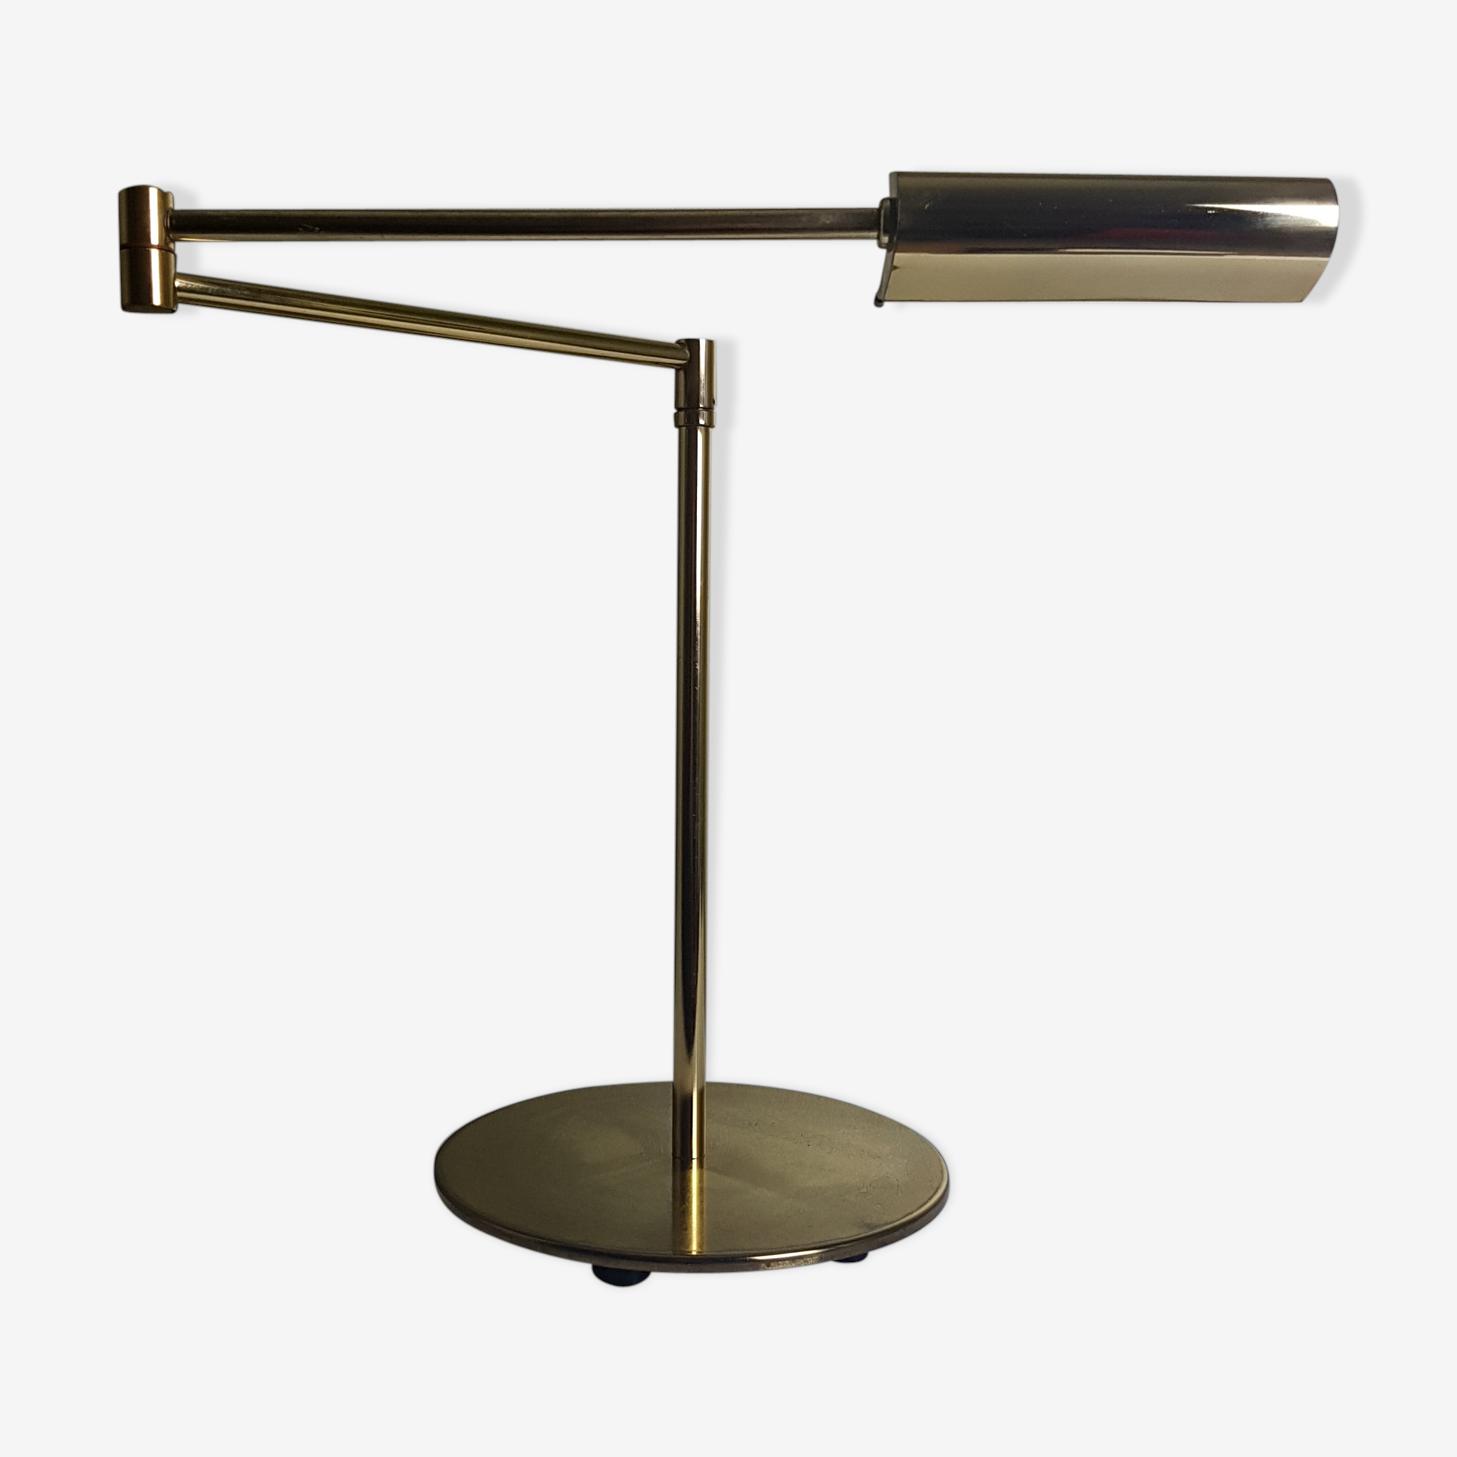 Lampe Liseuse De Bureau Articulee Dore Vintage Halogene Avec